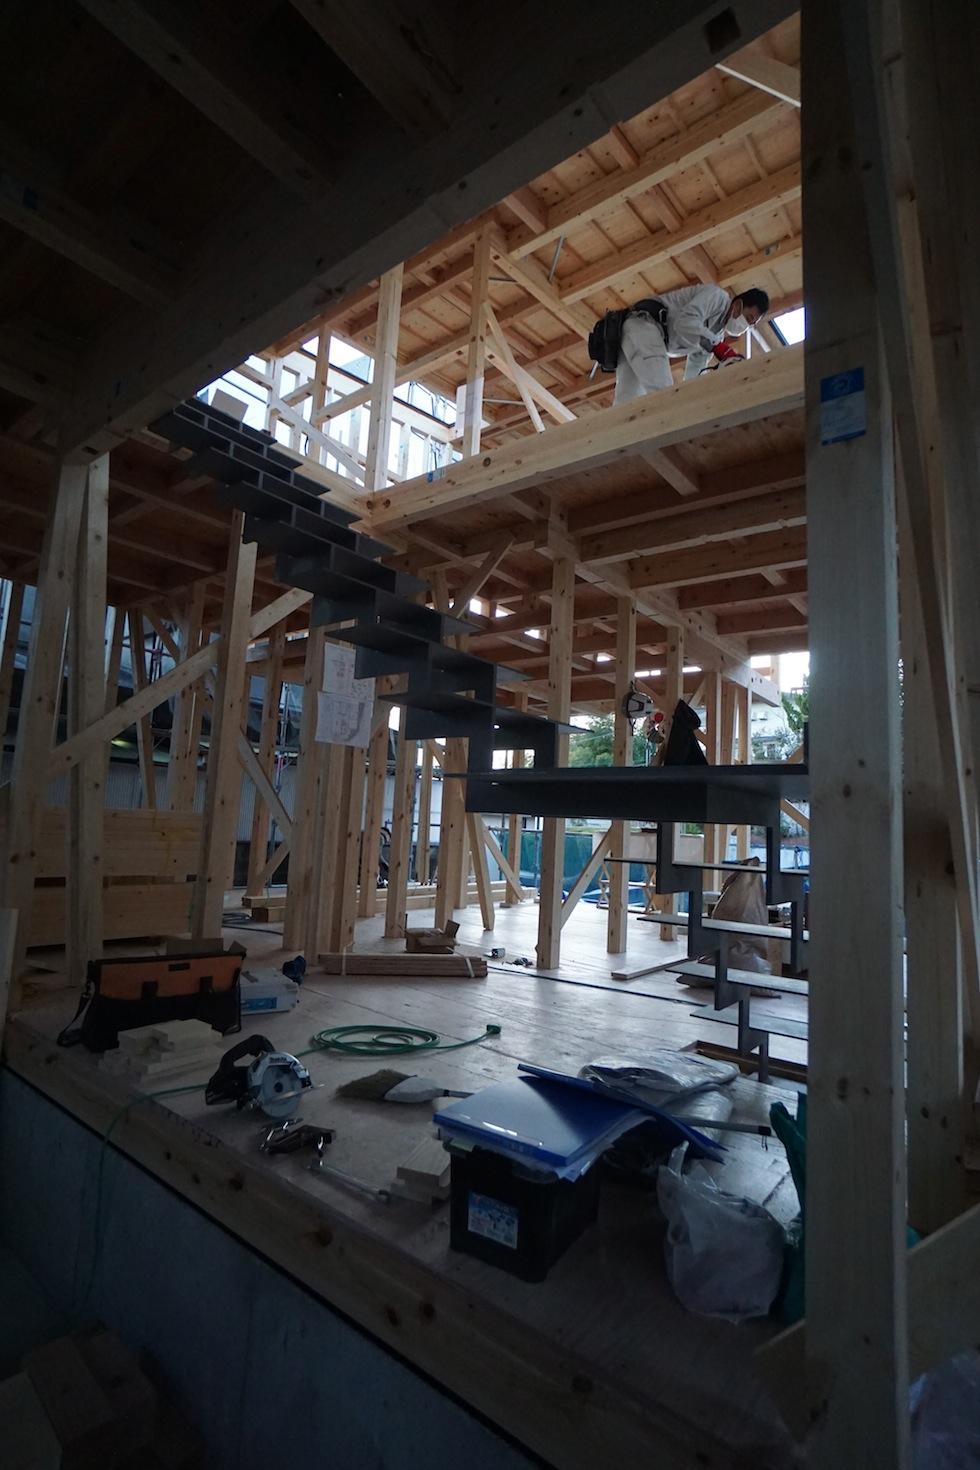 眺望のガレージハウス,箕面,大阪,建築家,高級注文住宅設計,眺望の家,眺めの良い家,北摂,ガレージハウス,階段デザイン